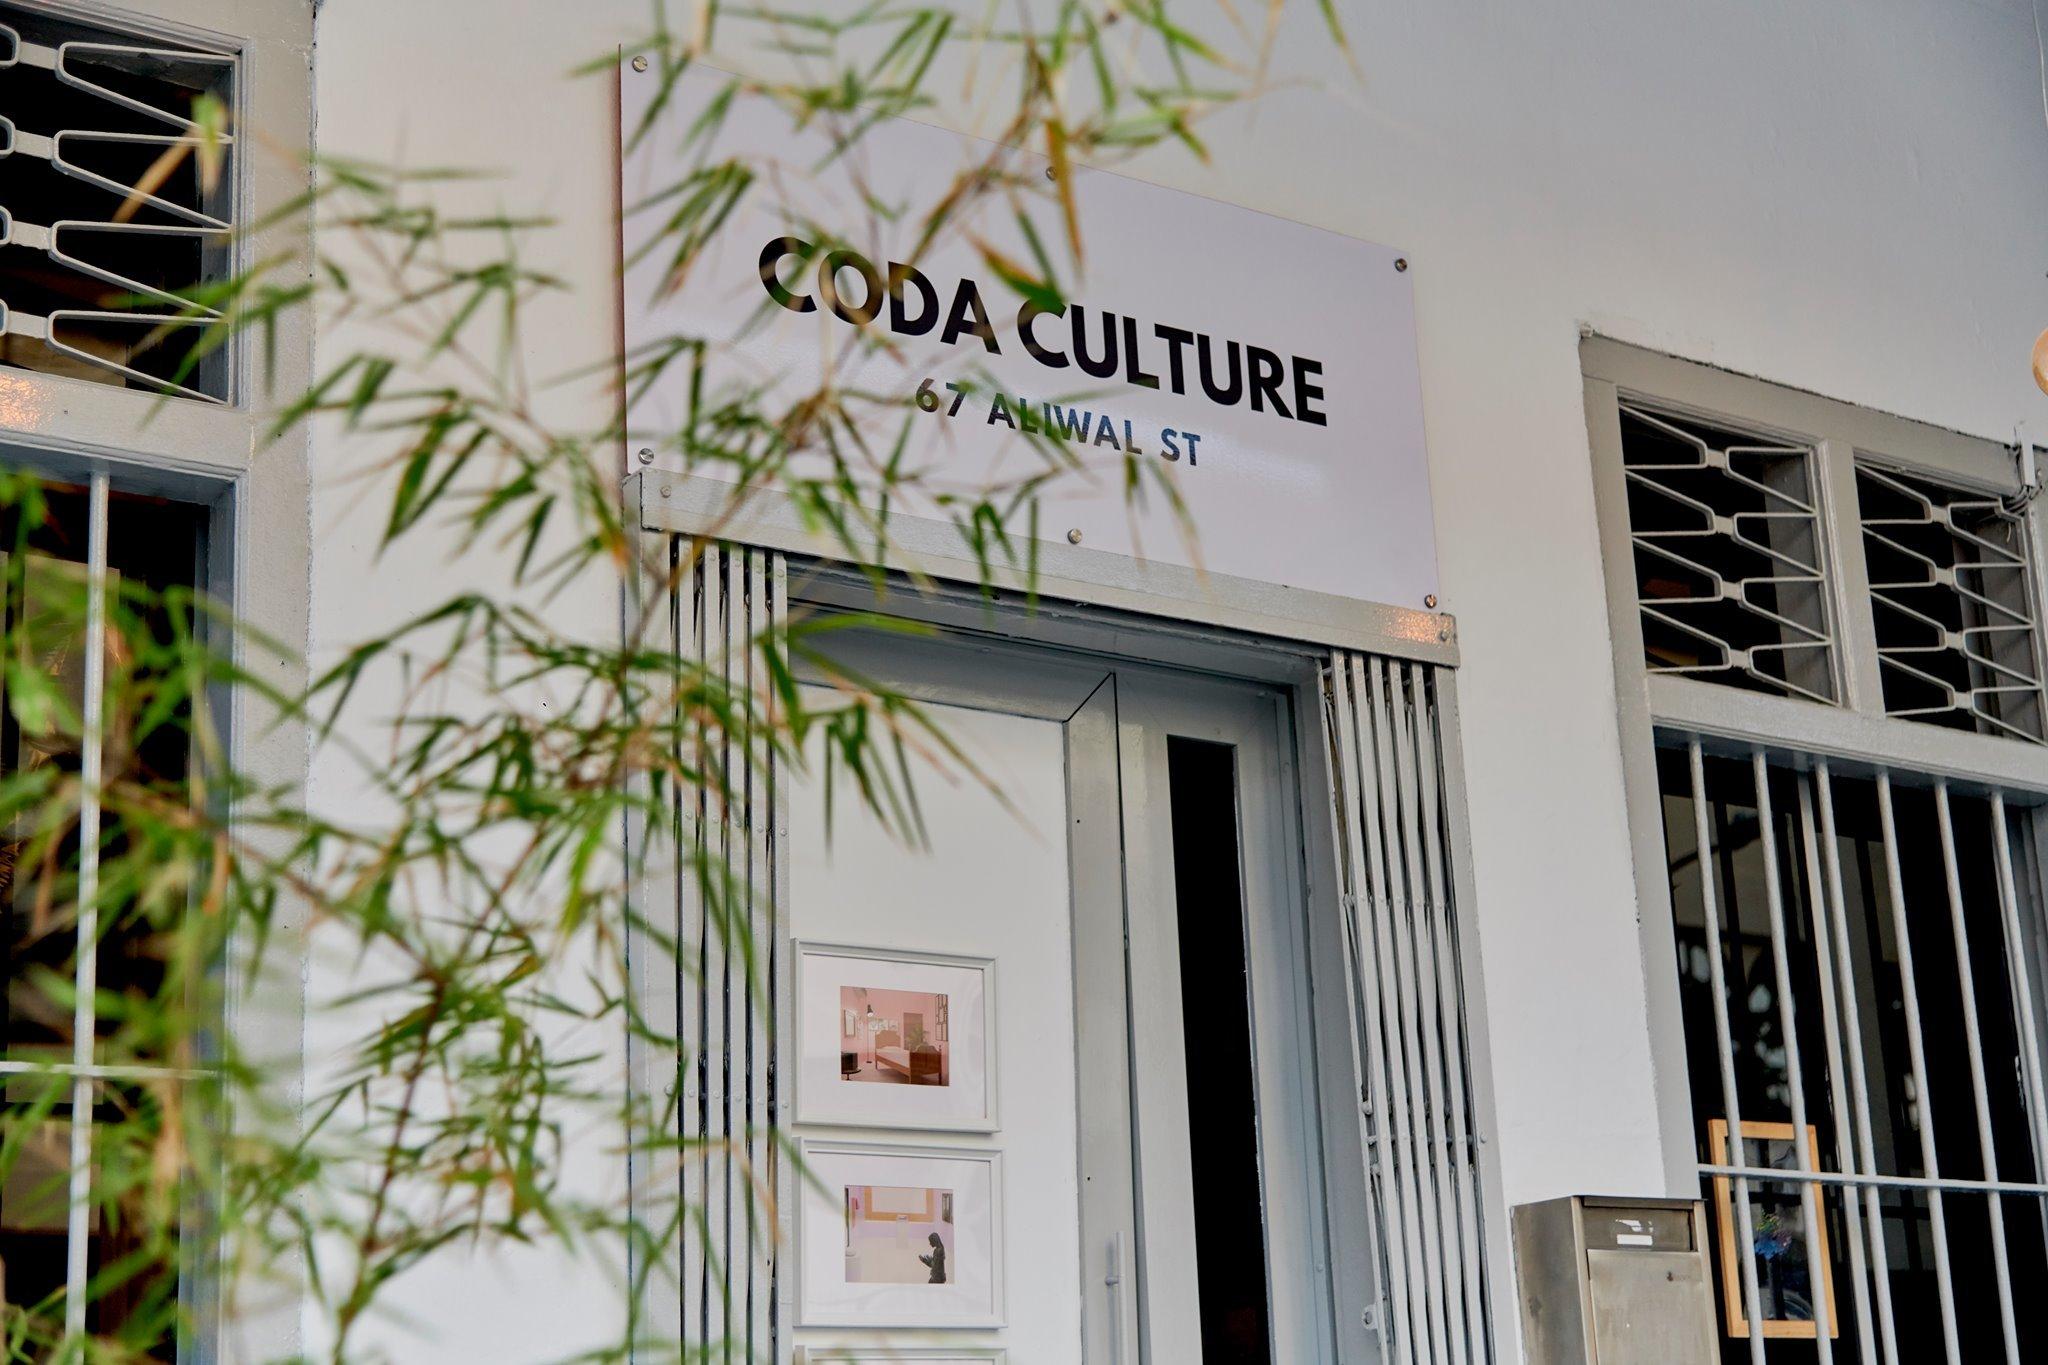 Coda Culture